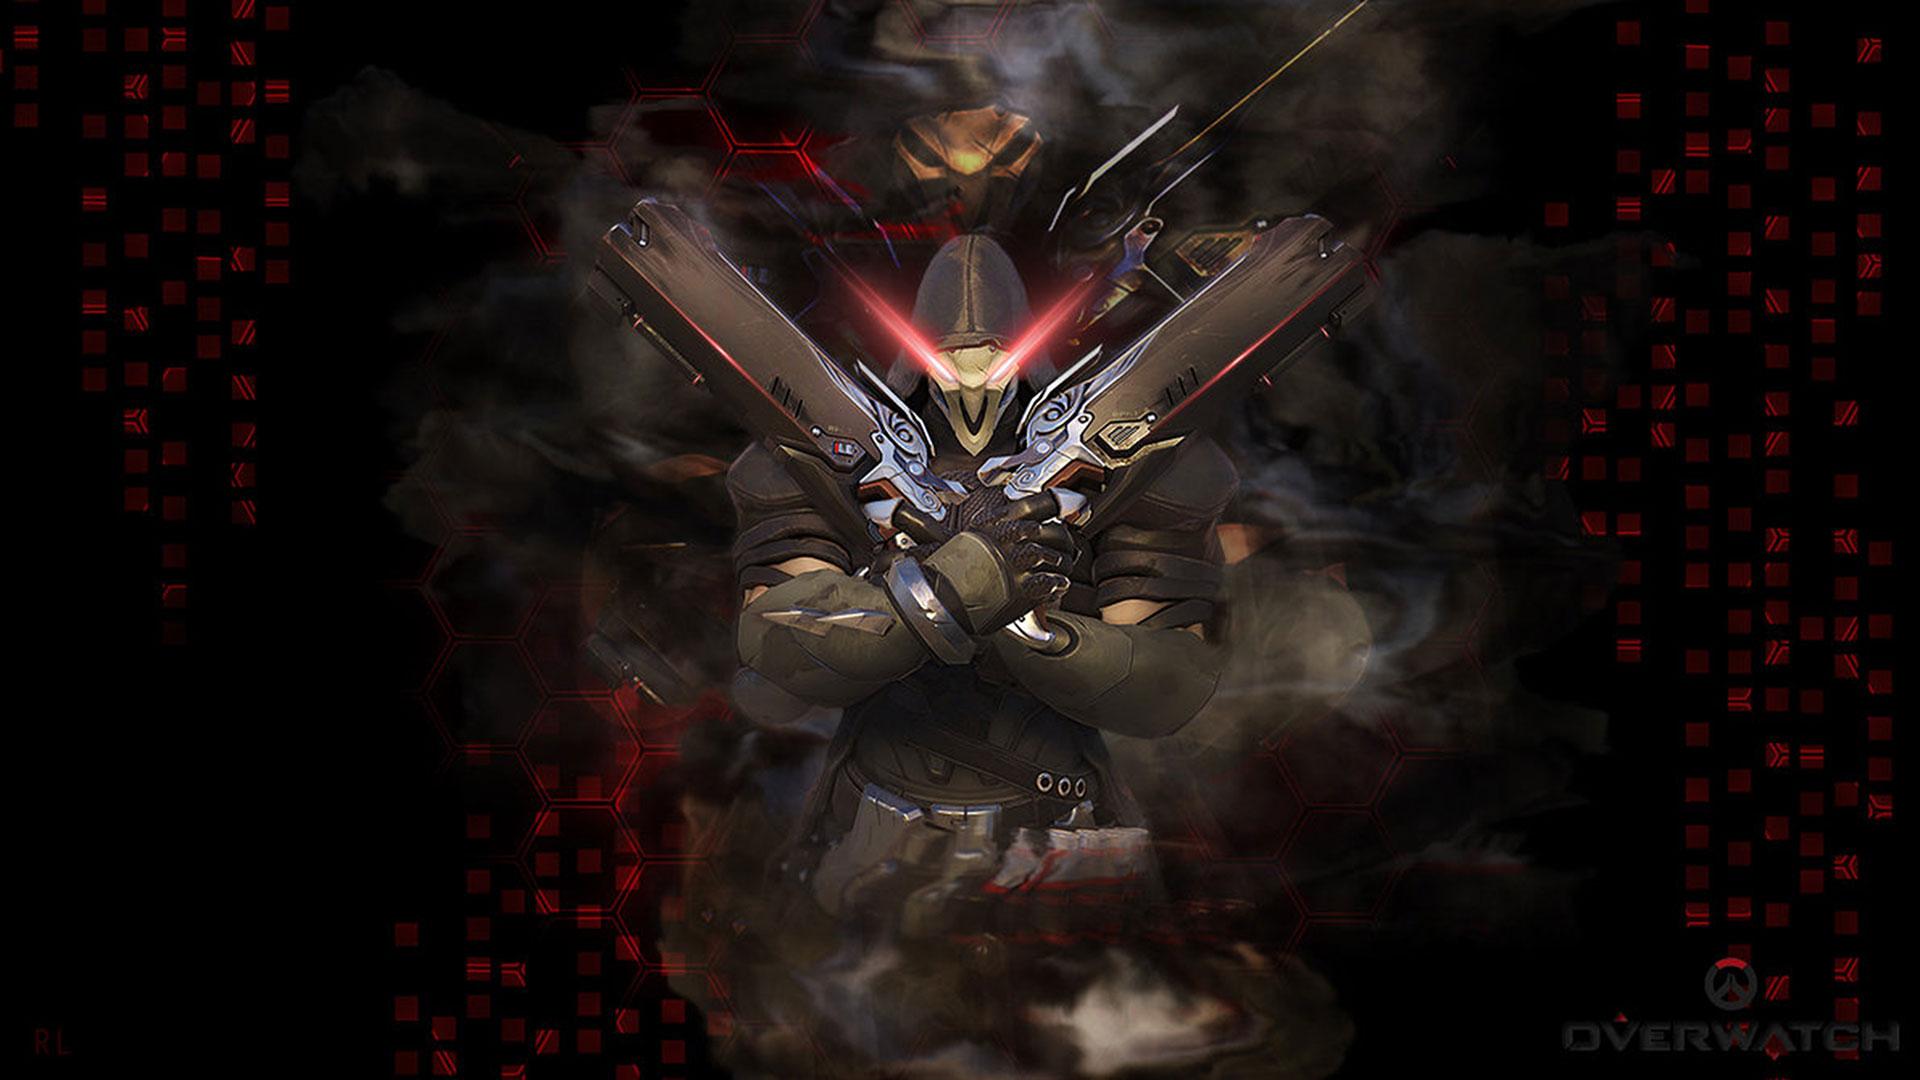 Overwatch 1080p wallpaper wallpapersafari - Fantasy wallpaper 720p ...